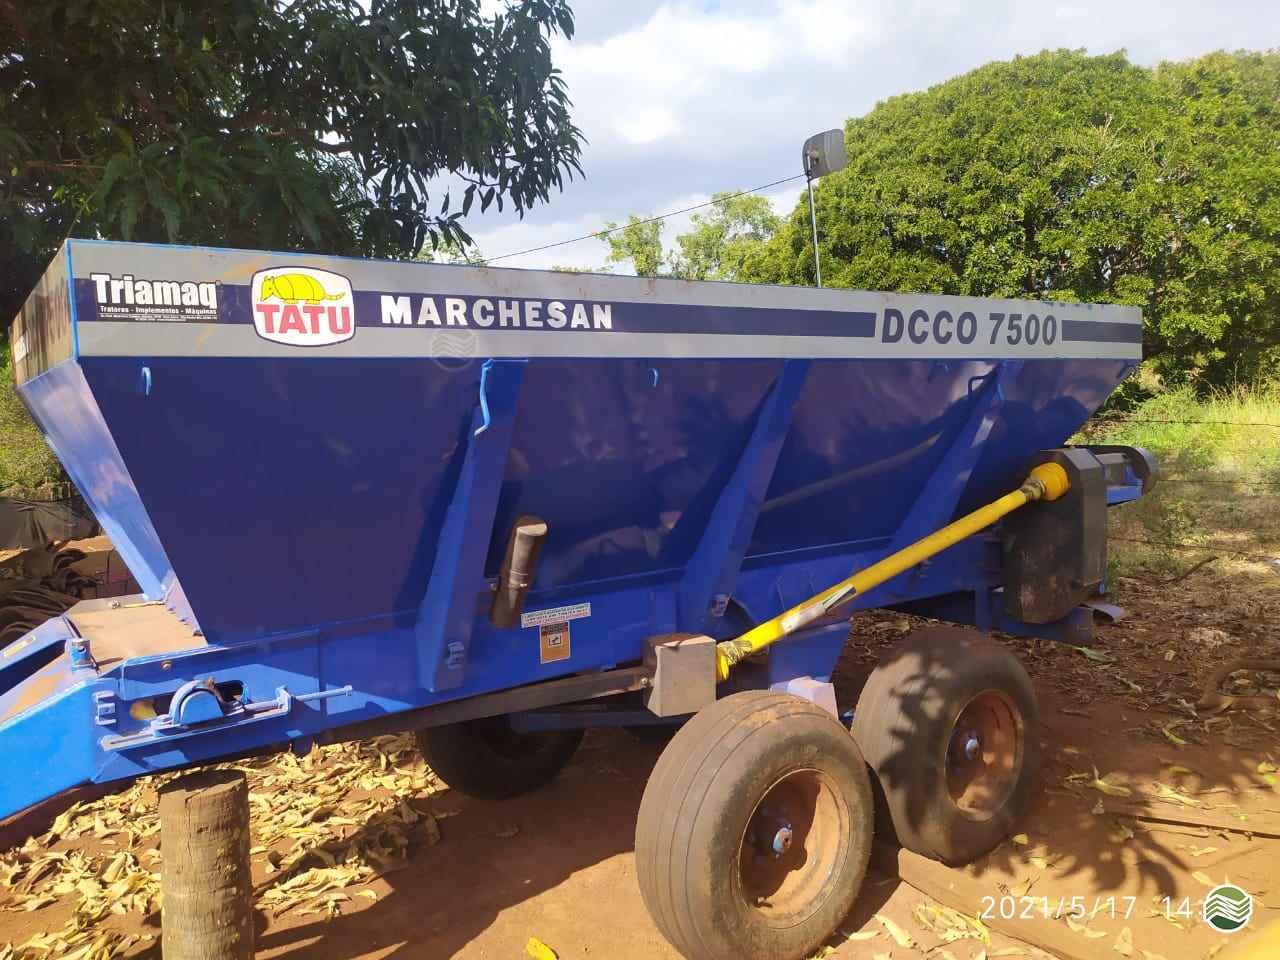 IMPLEMENTOS AGRICOLAS DISTRIBUIDOR CALCÁRIO 7500 Kg Gerominho Implementos Agrícolas UBERLANDIA MINAS GERAIS MG